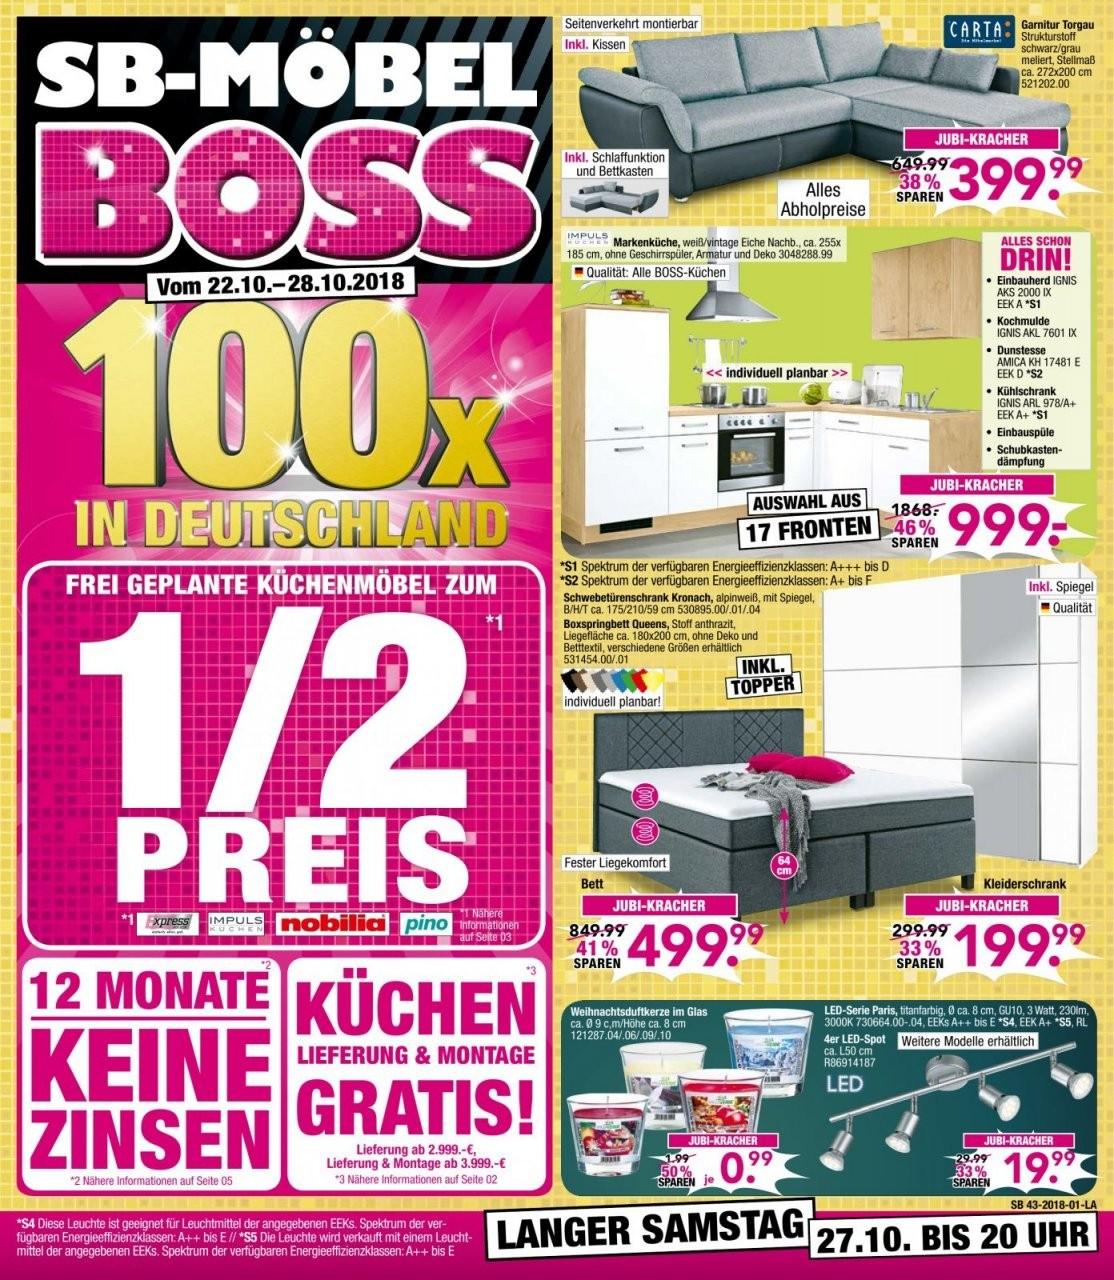 Sb Möbel Boss Prospekte In Lippstadt Angebote Mit Aktionen Best Of von Sb Möbel Boss Lippstadt Photo